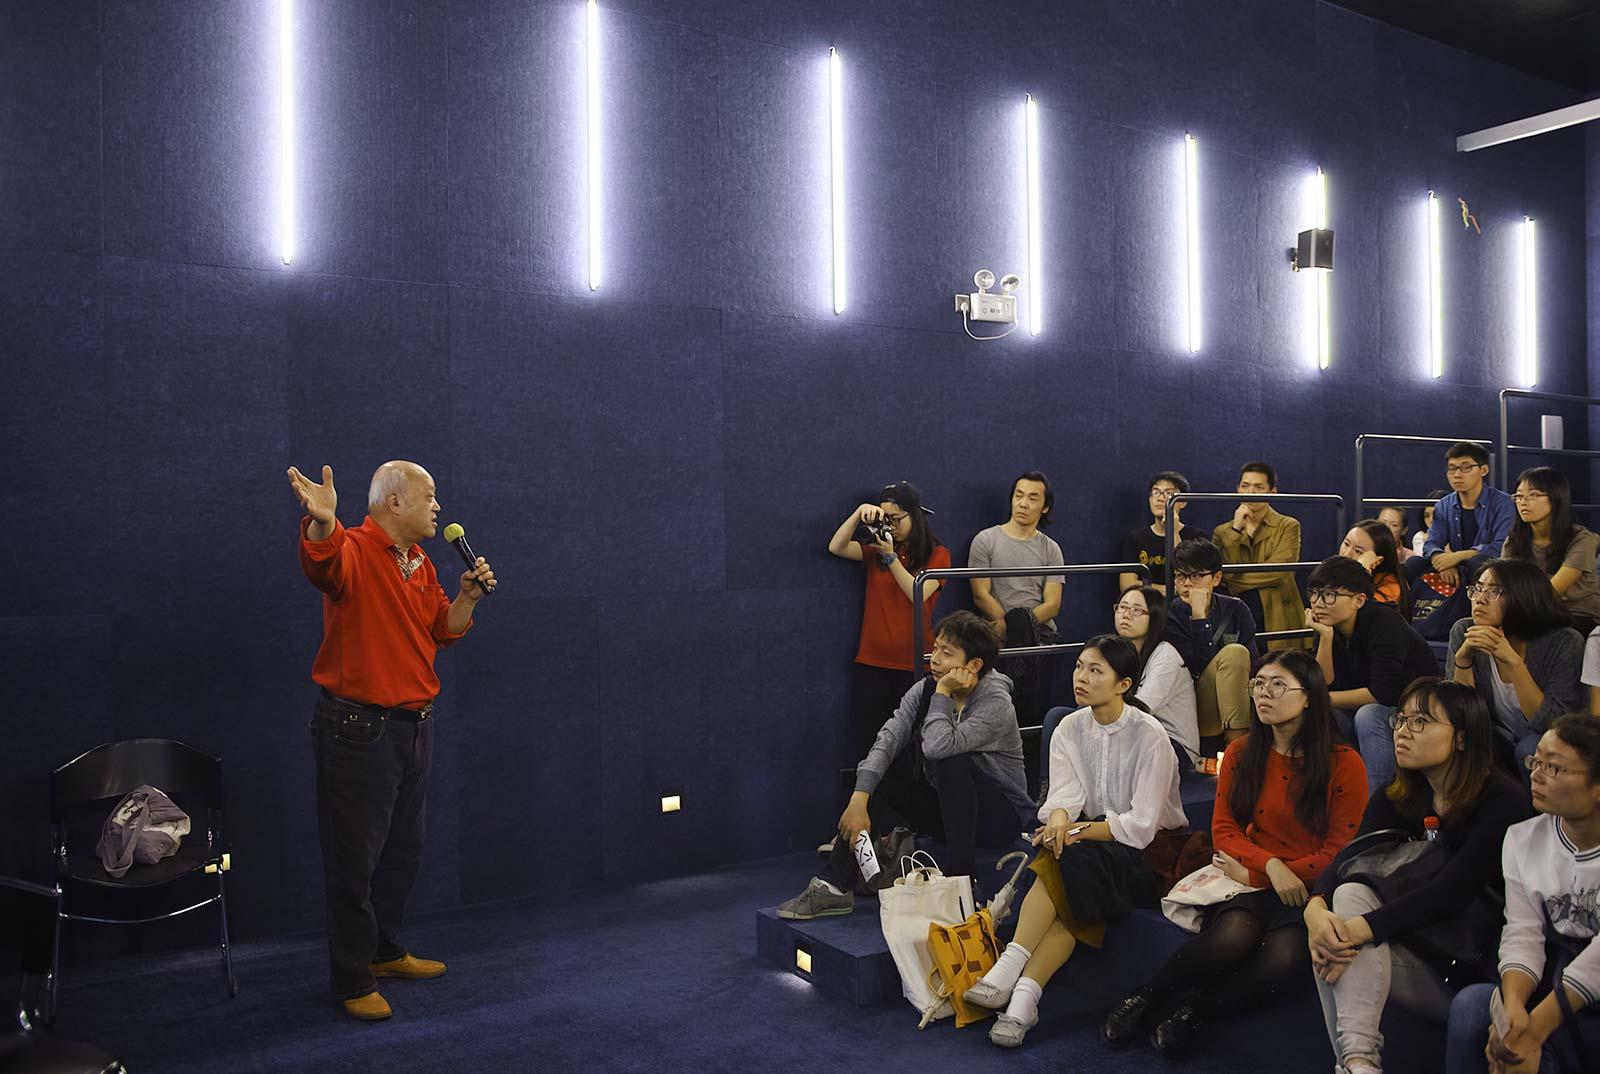 Qirui Chen in the Screening Session